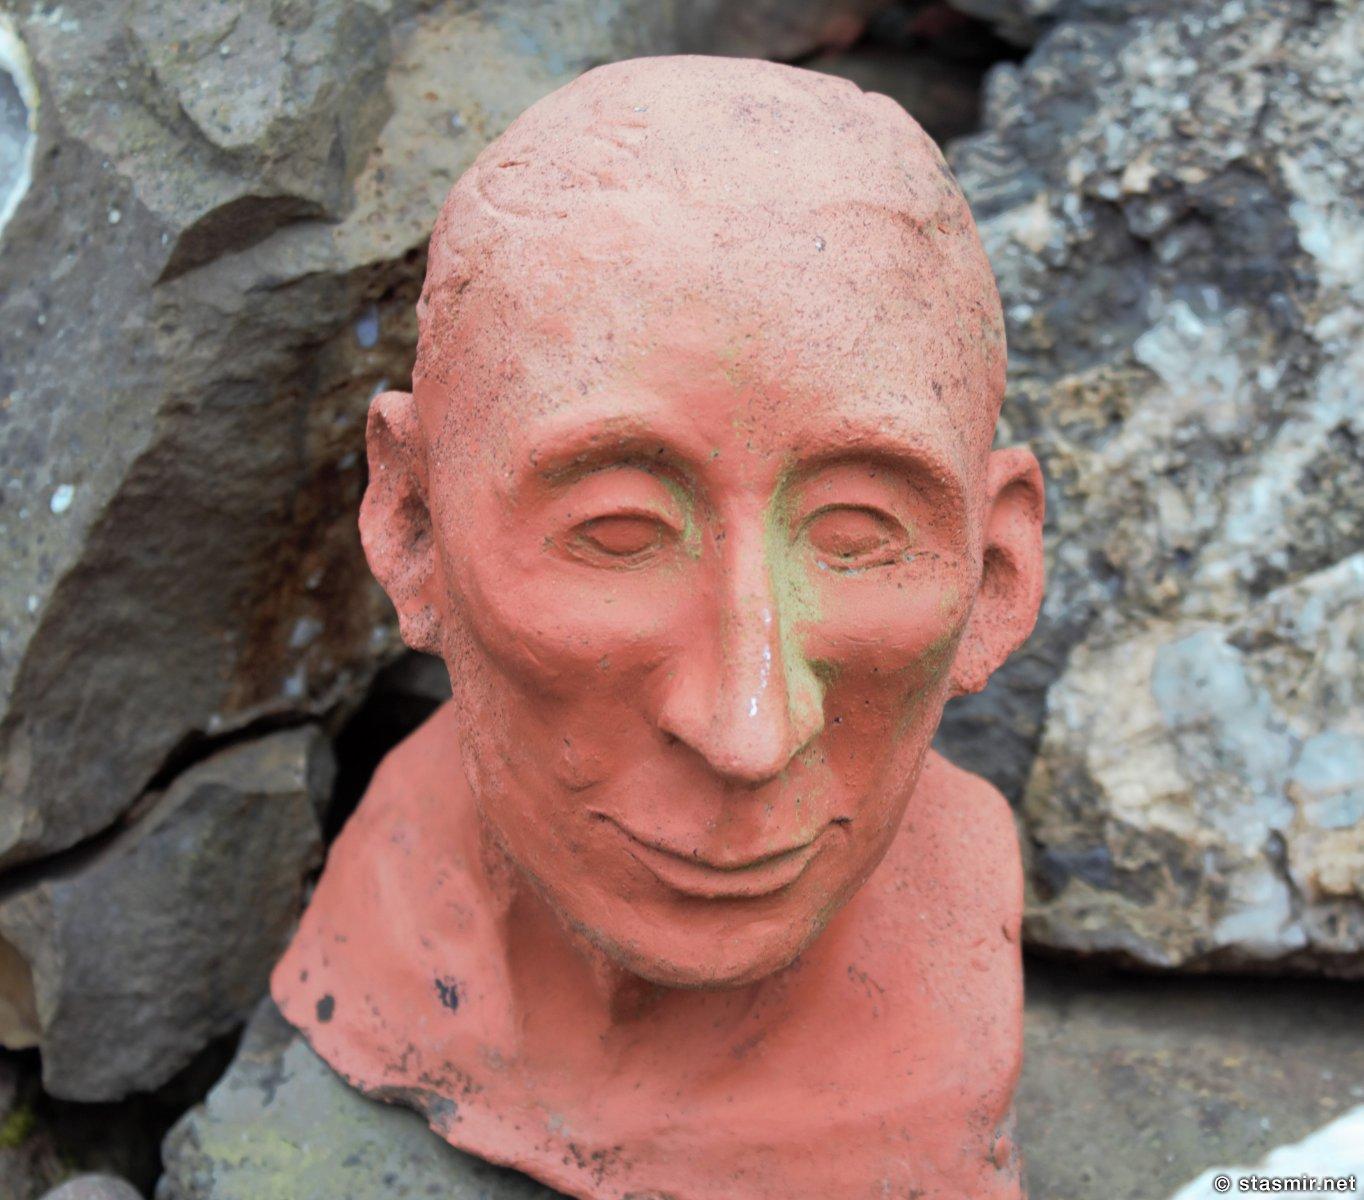 голова человека, фото Стасмир, photo Stasmir. Djúðivogur